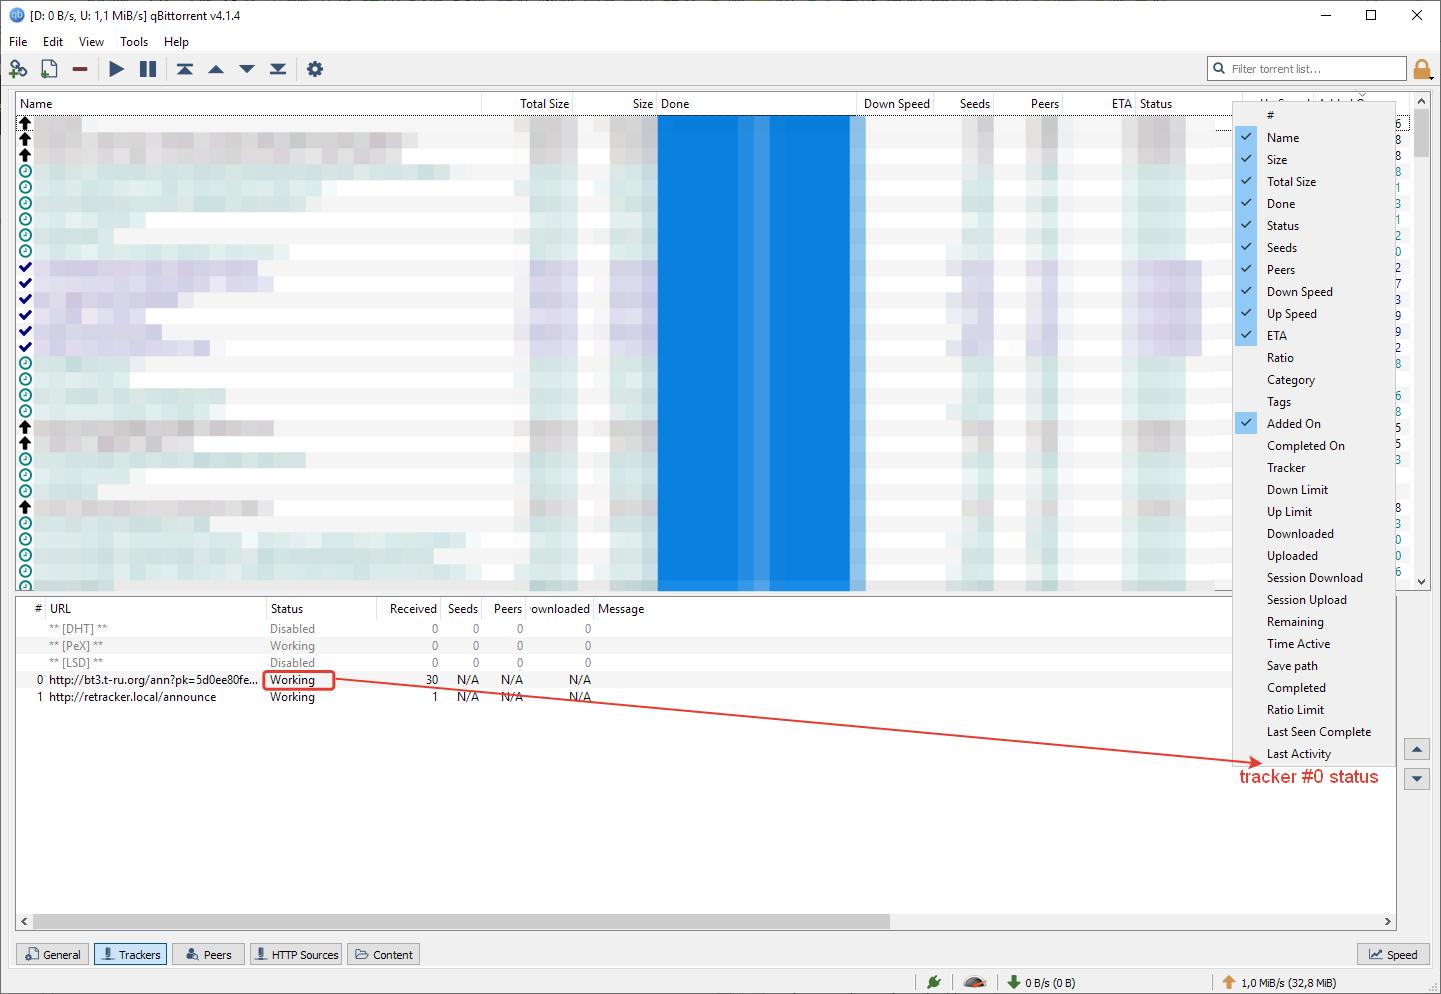 Wishlist] Add Tracker status column · Issue #8408